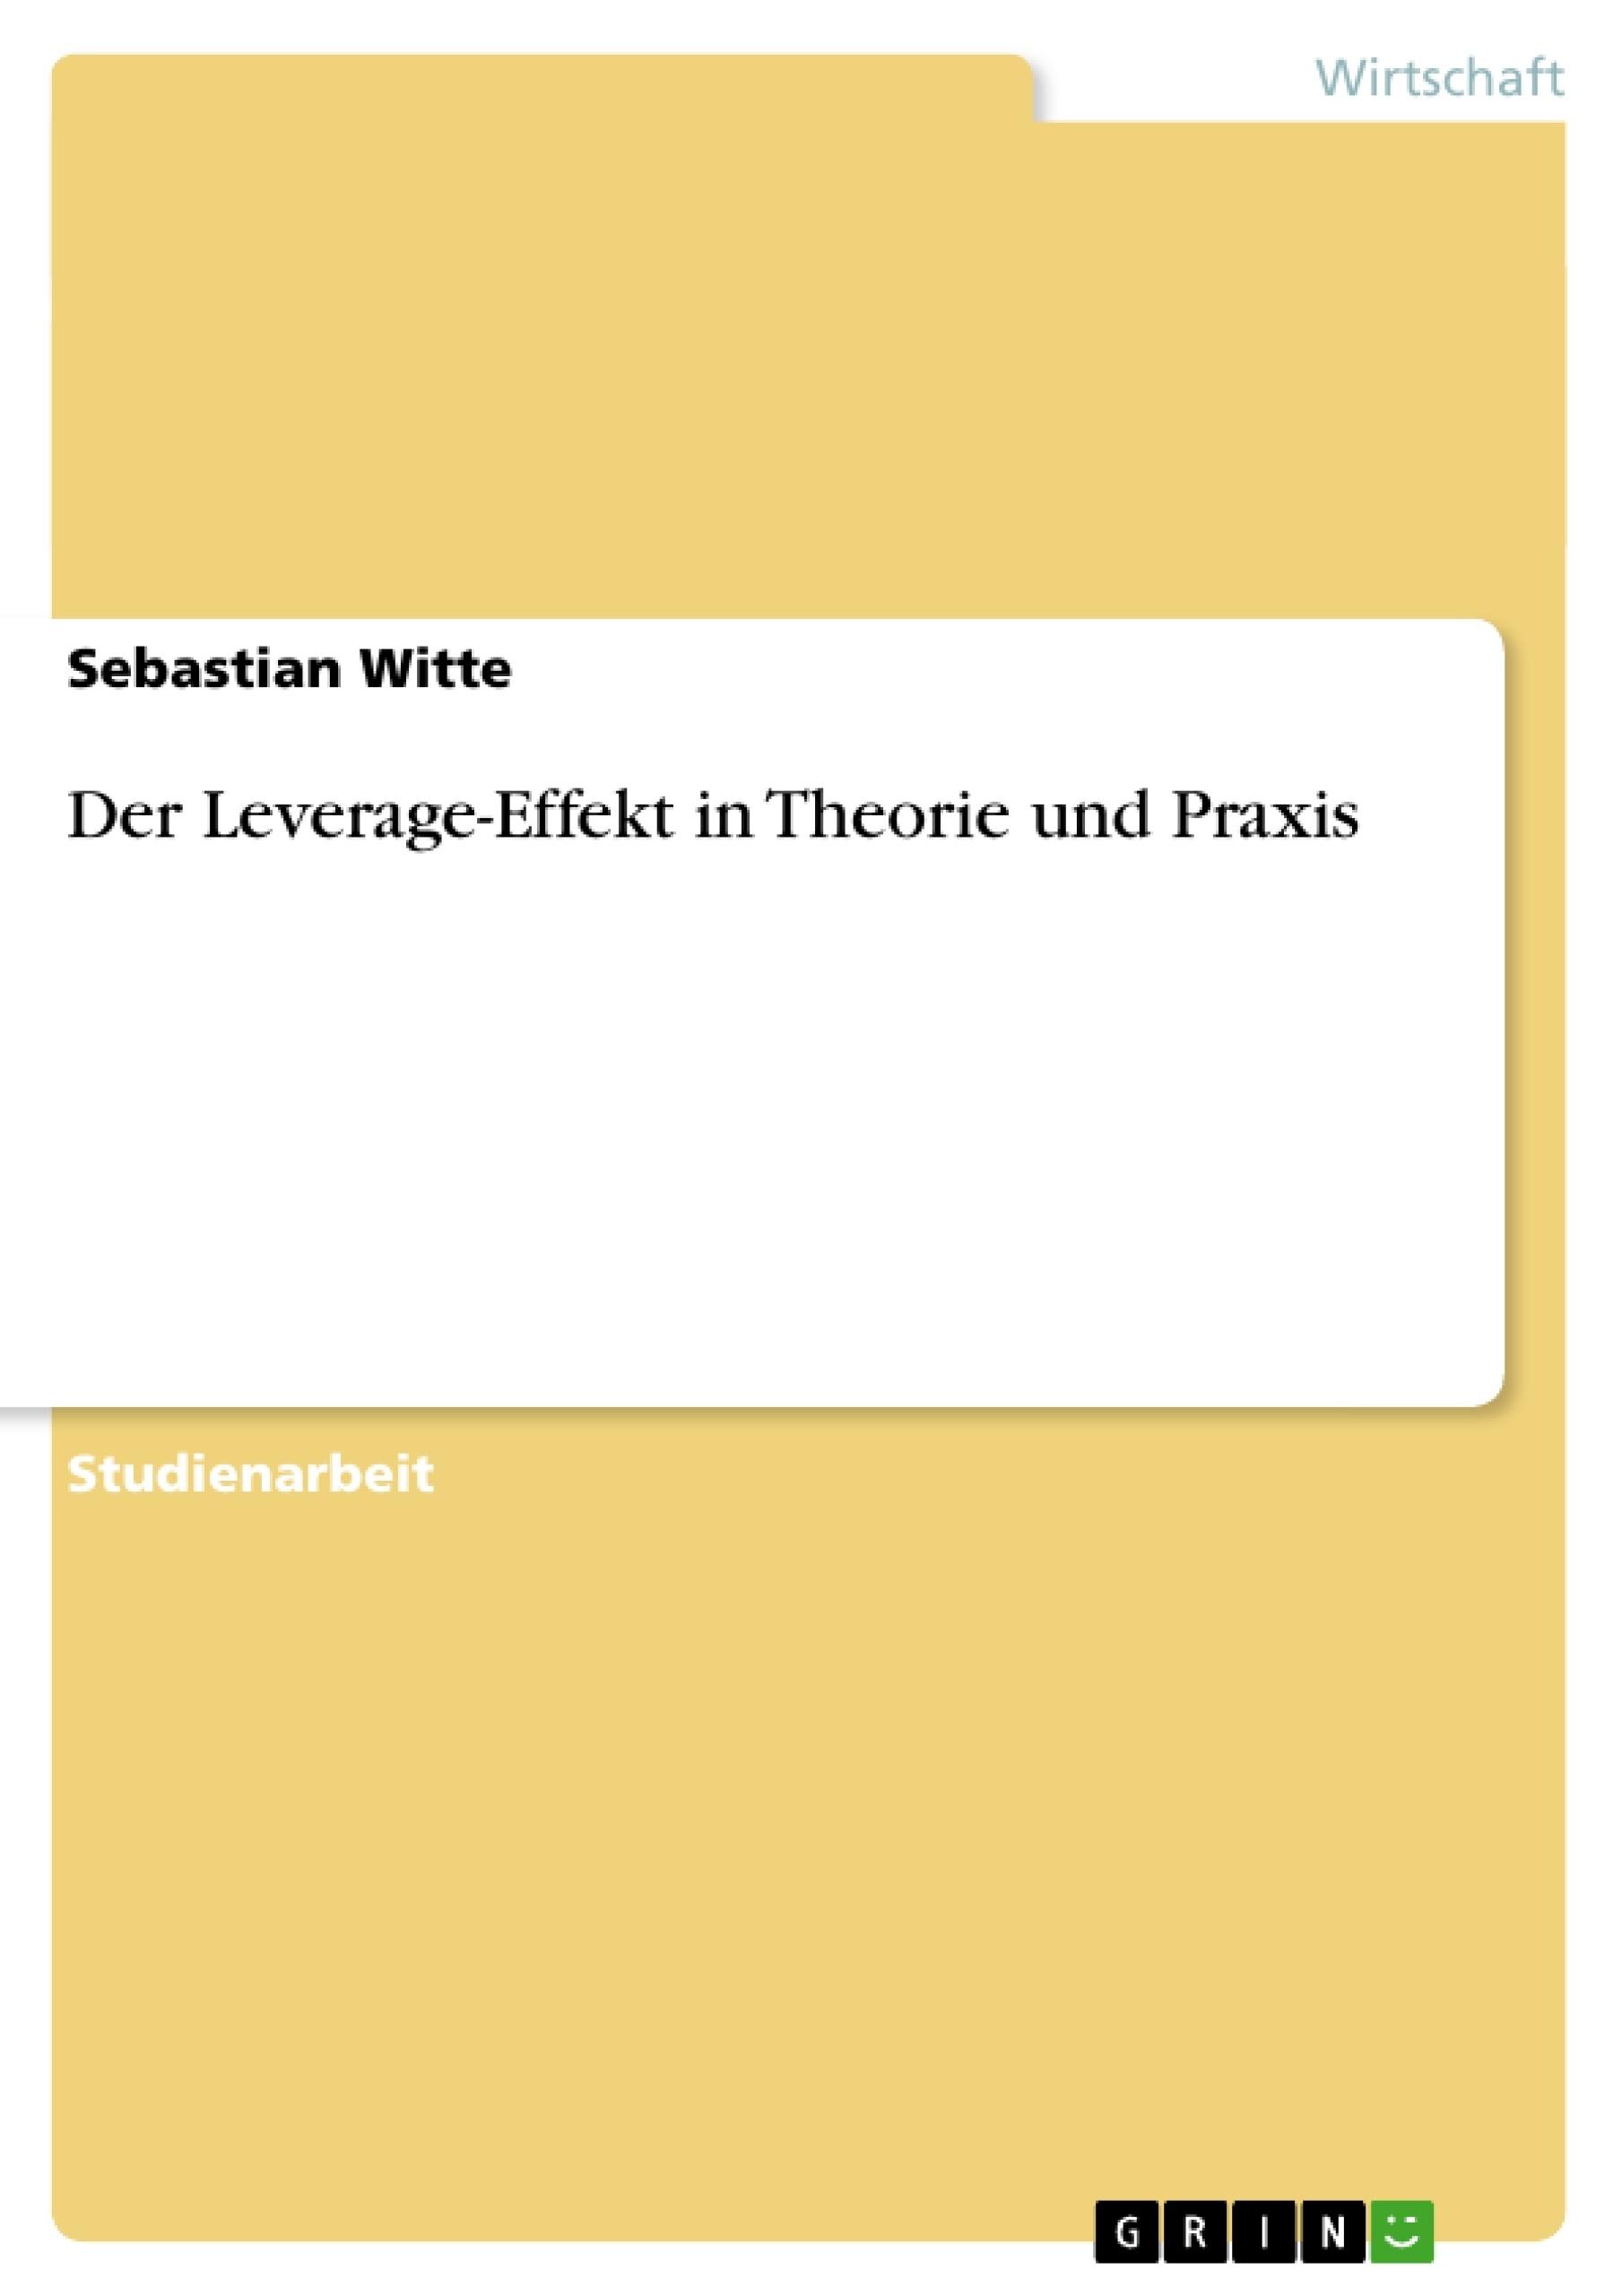 Titel: Der Leverage-Effekt in Theorie und Praxis